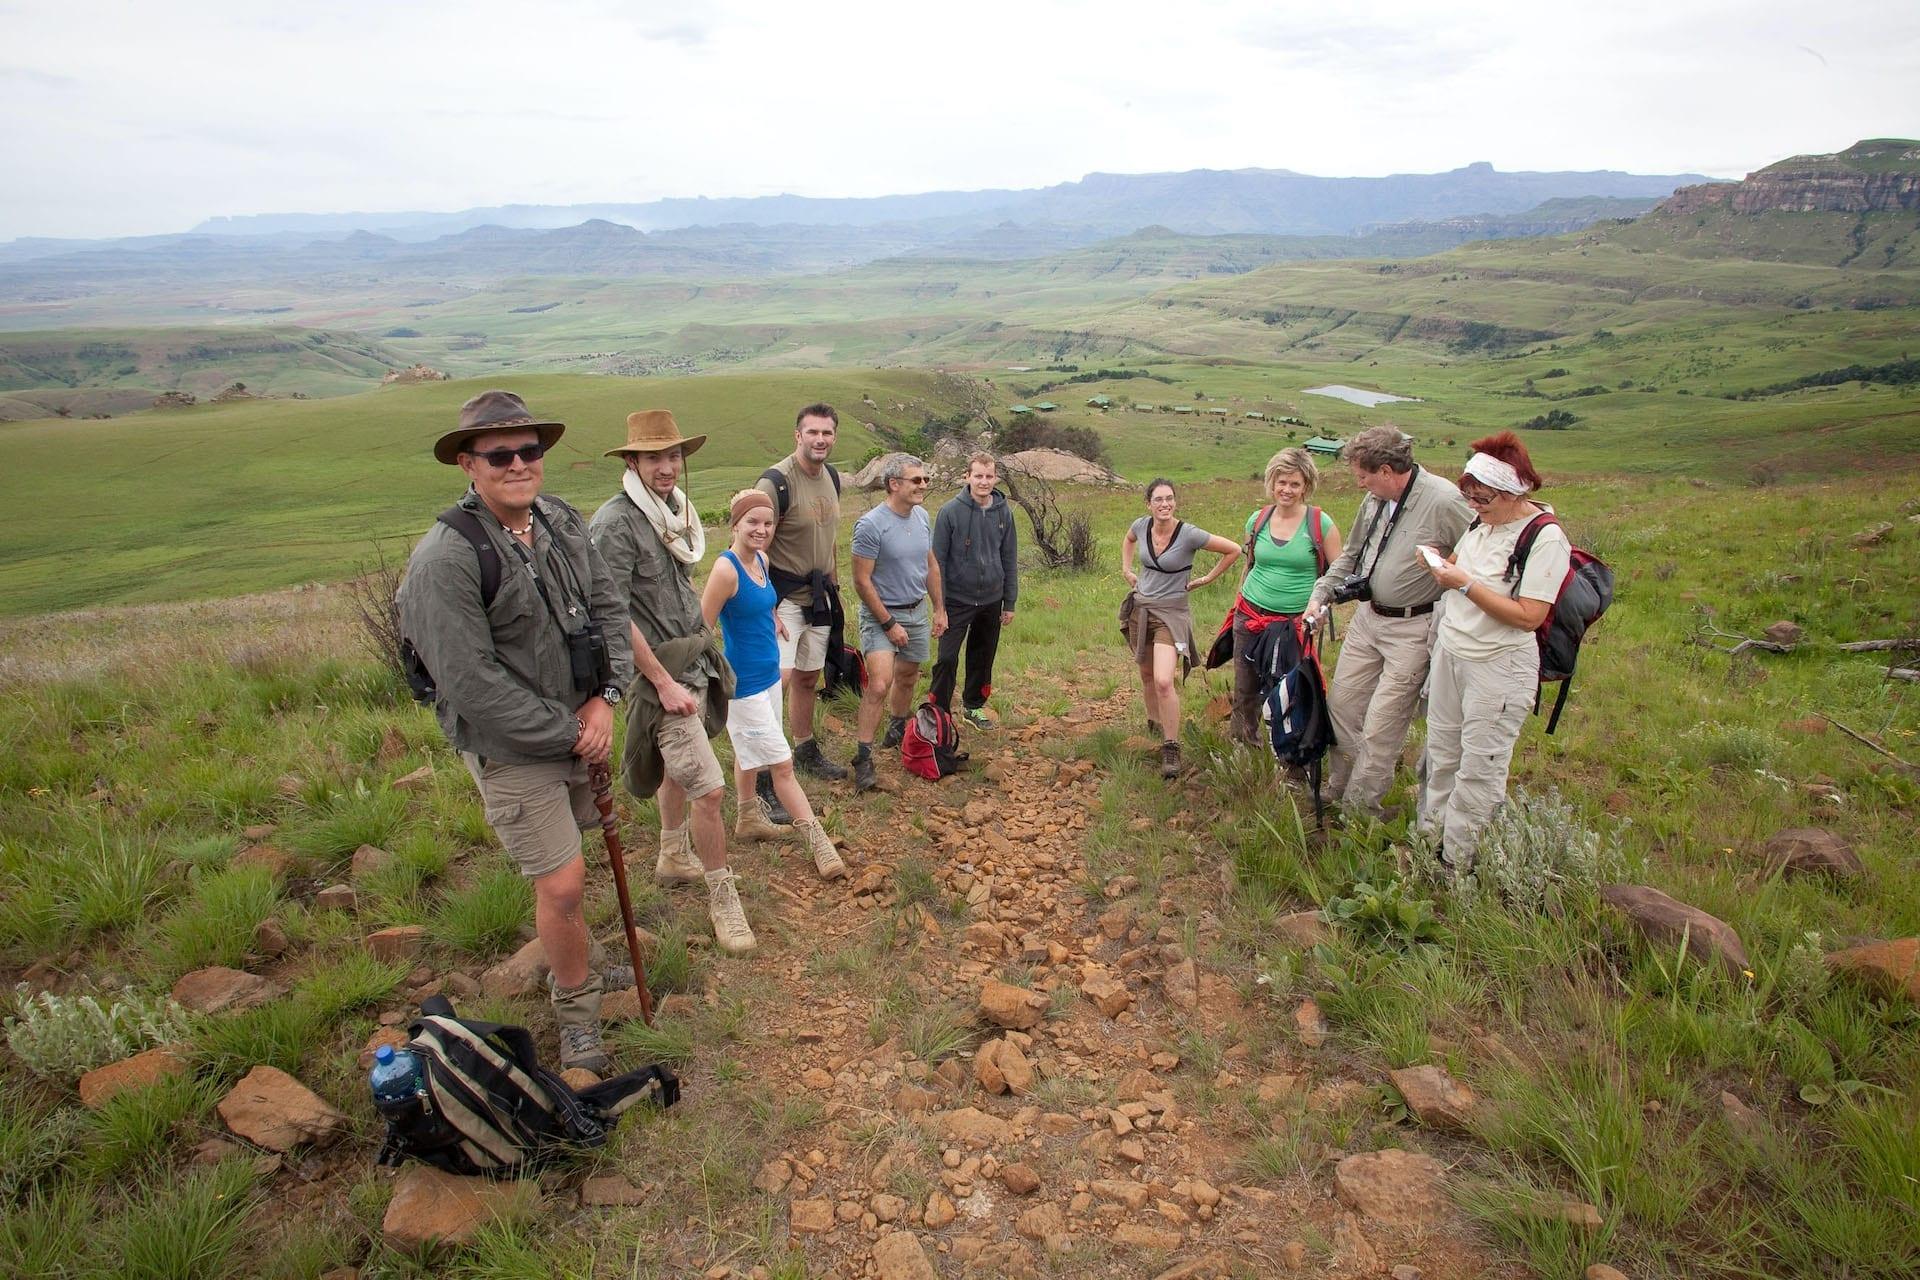 # FOTO - Drakensberg Hike View